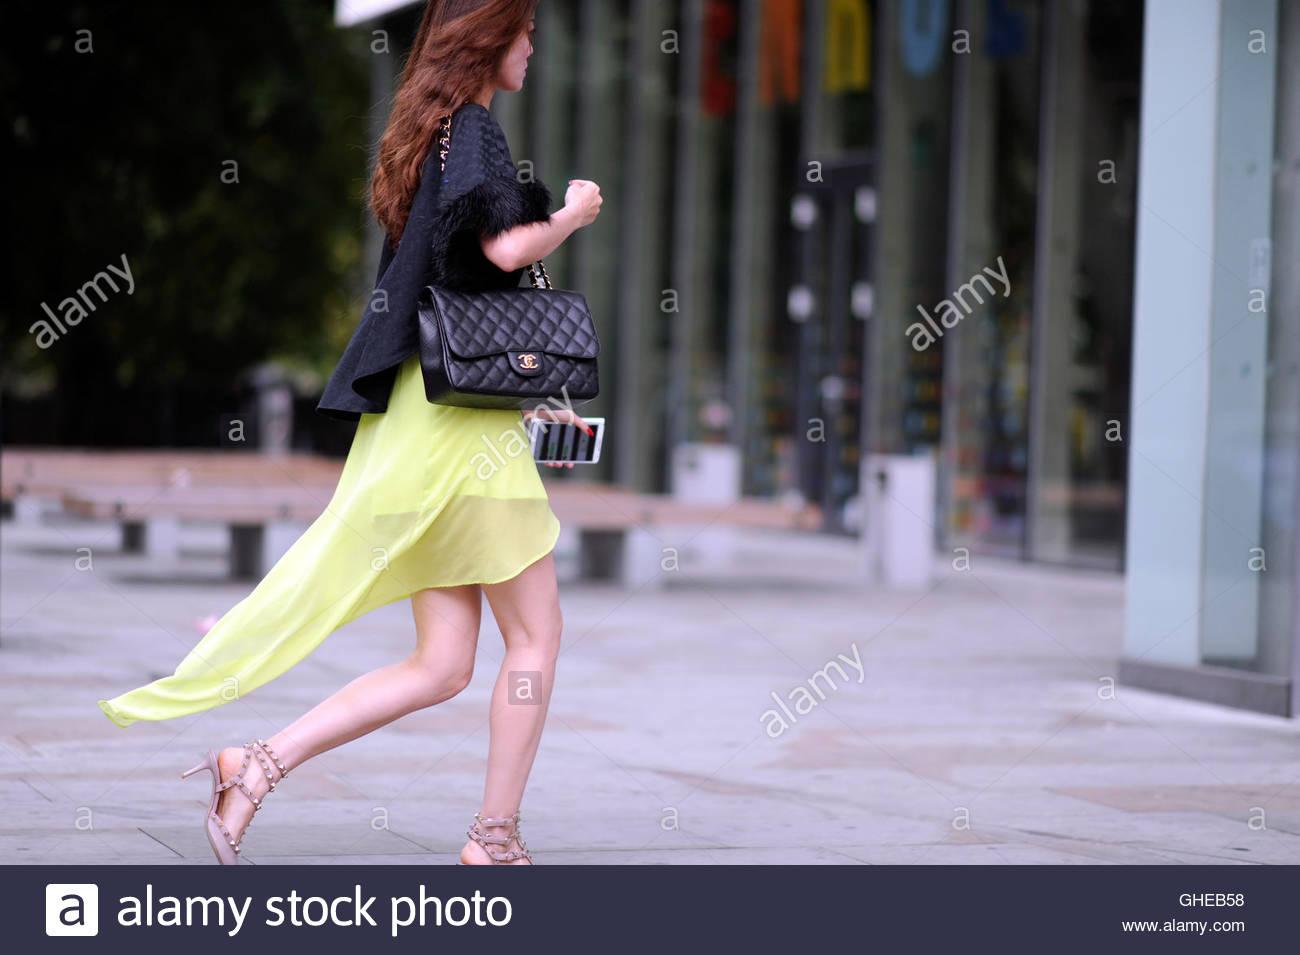 Arrivo per la sfilata di moda alla settimana della moda di Londra. Immagini Stock